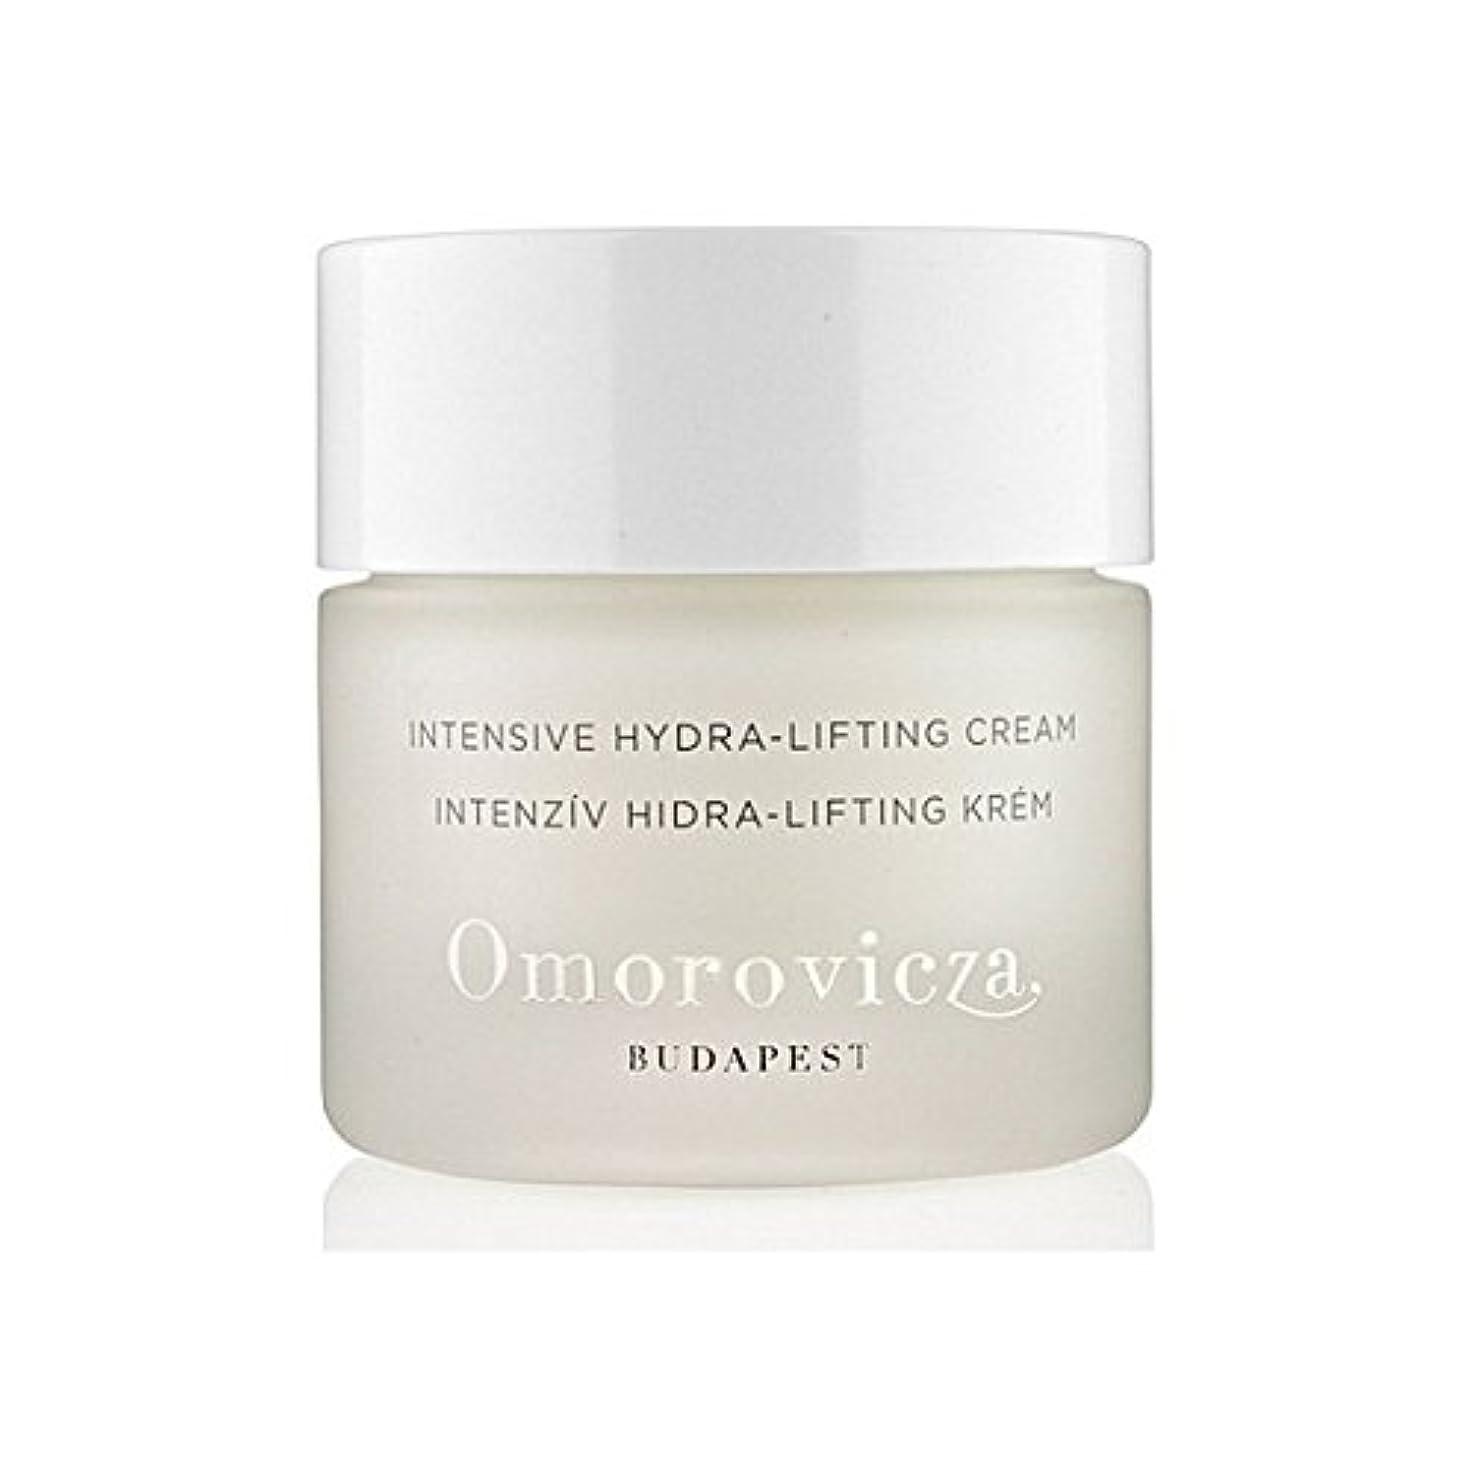 松明愛されし者免疫Omorovicza Intensive Hydra-Lifting Cream 50Ml (Pack of 6) - 集中的なヒドラリフティングクリーム50 x6 [並行輸入品]